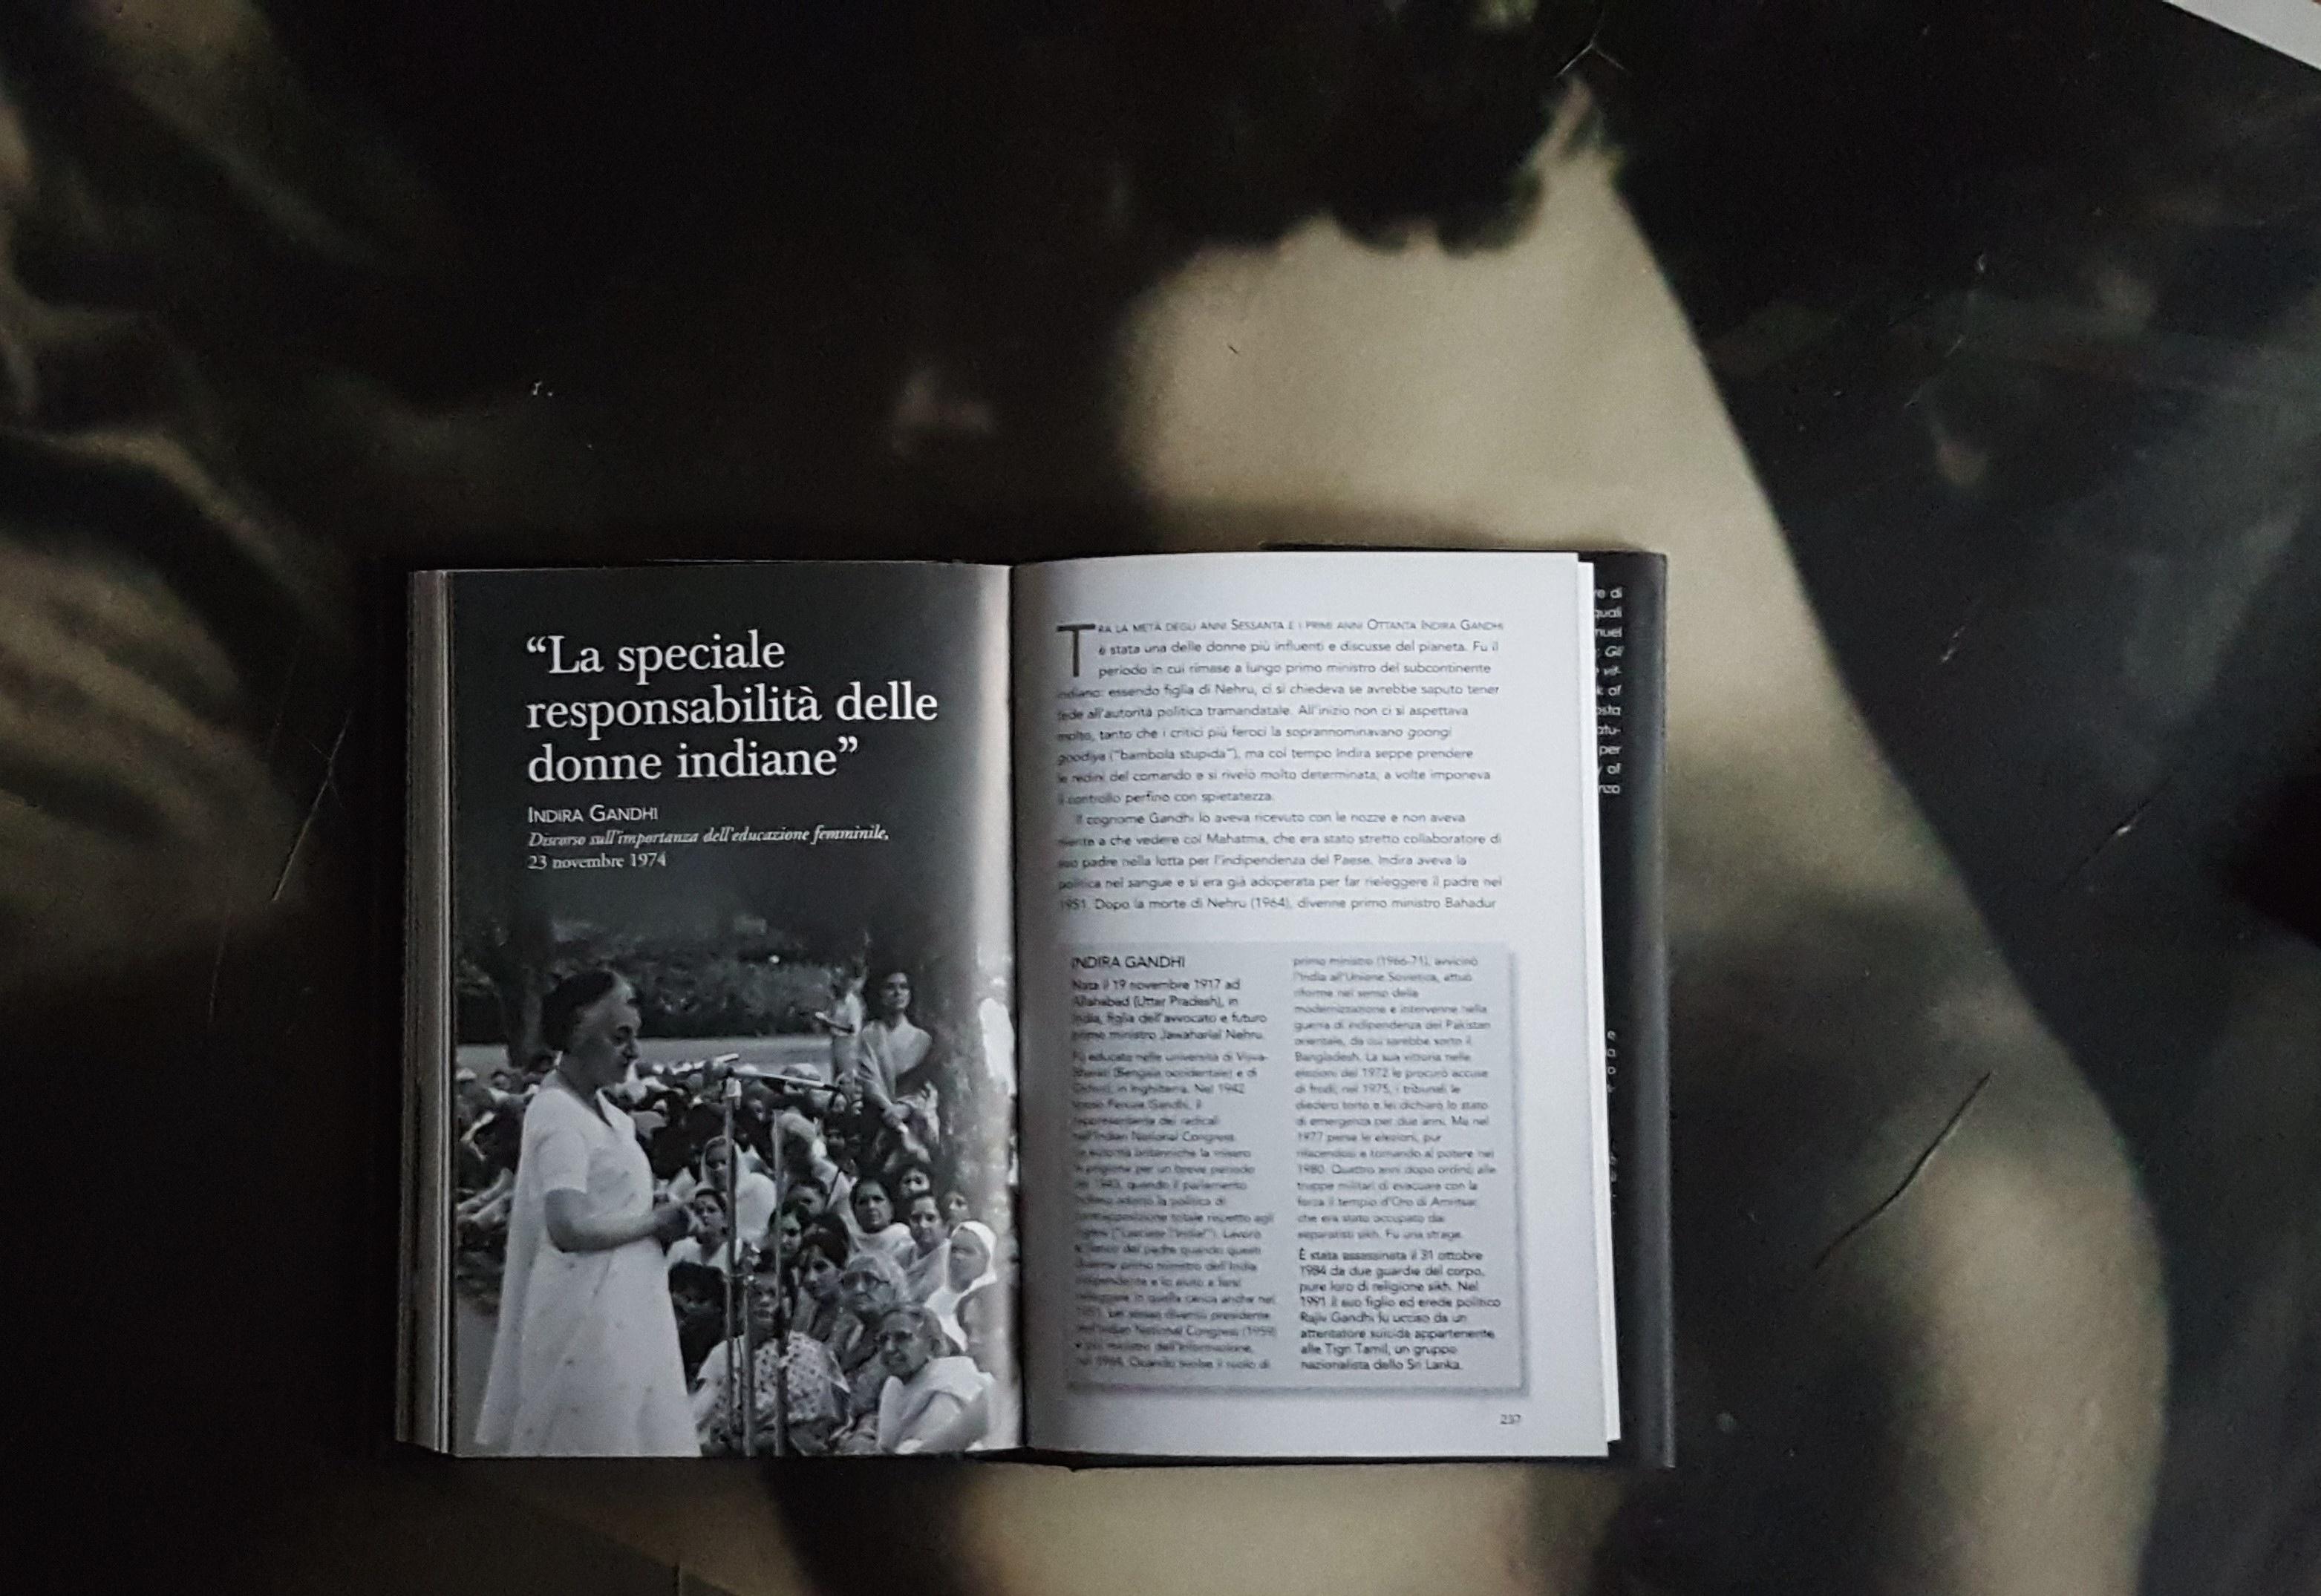 Indira-Gandhi-discorsi-che-hanno-cambiato-il-mondo-451f